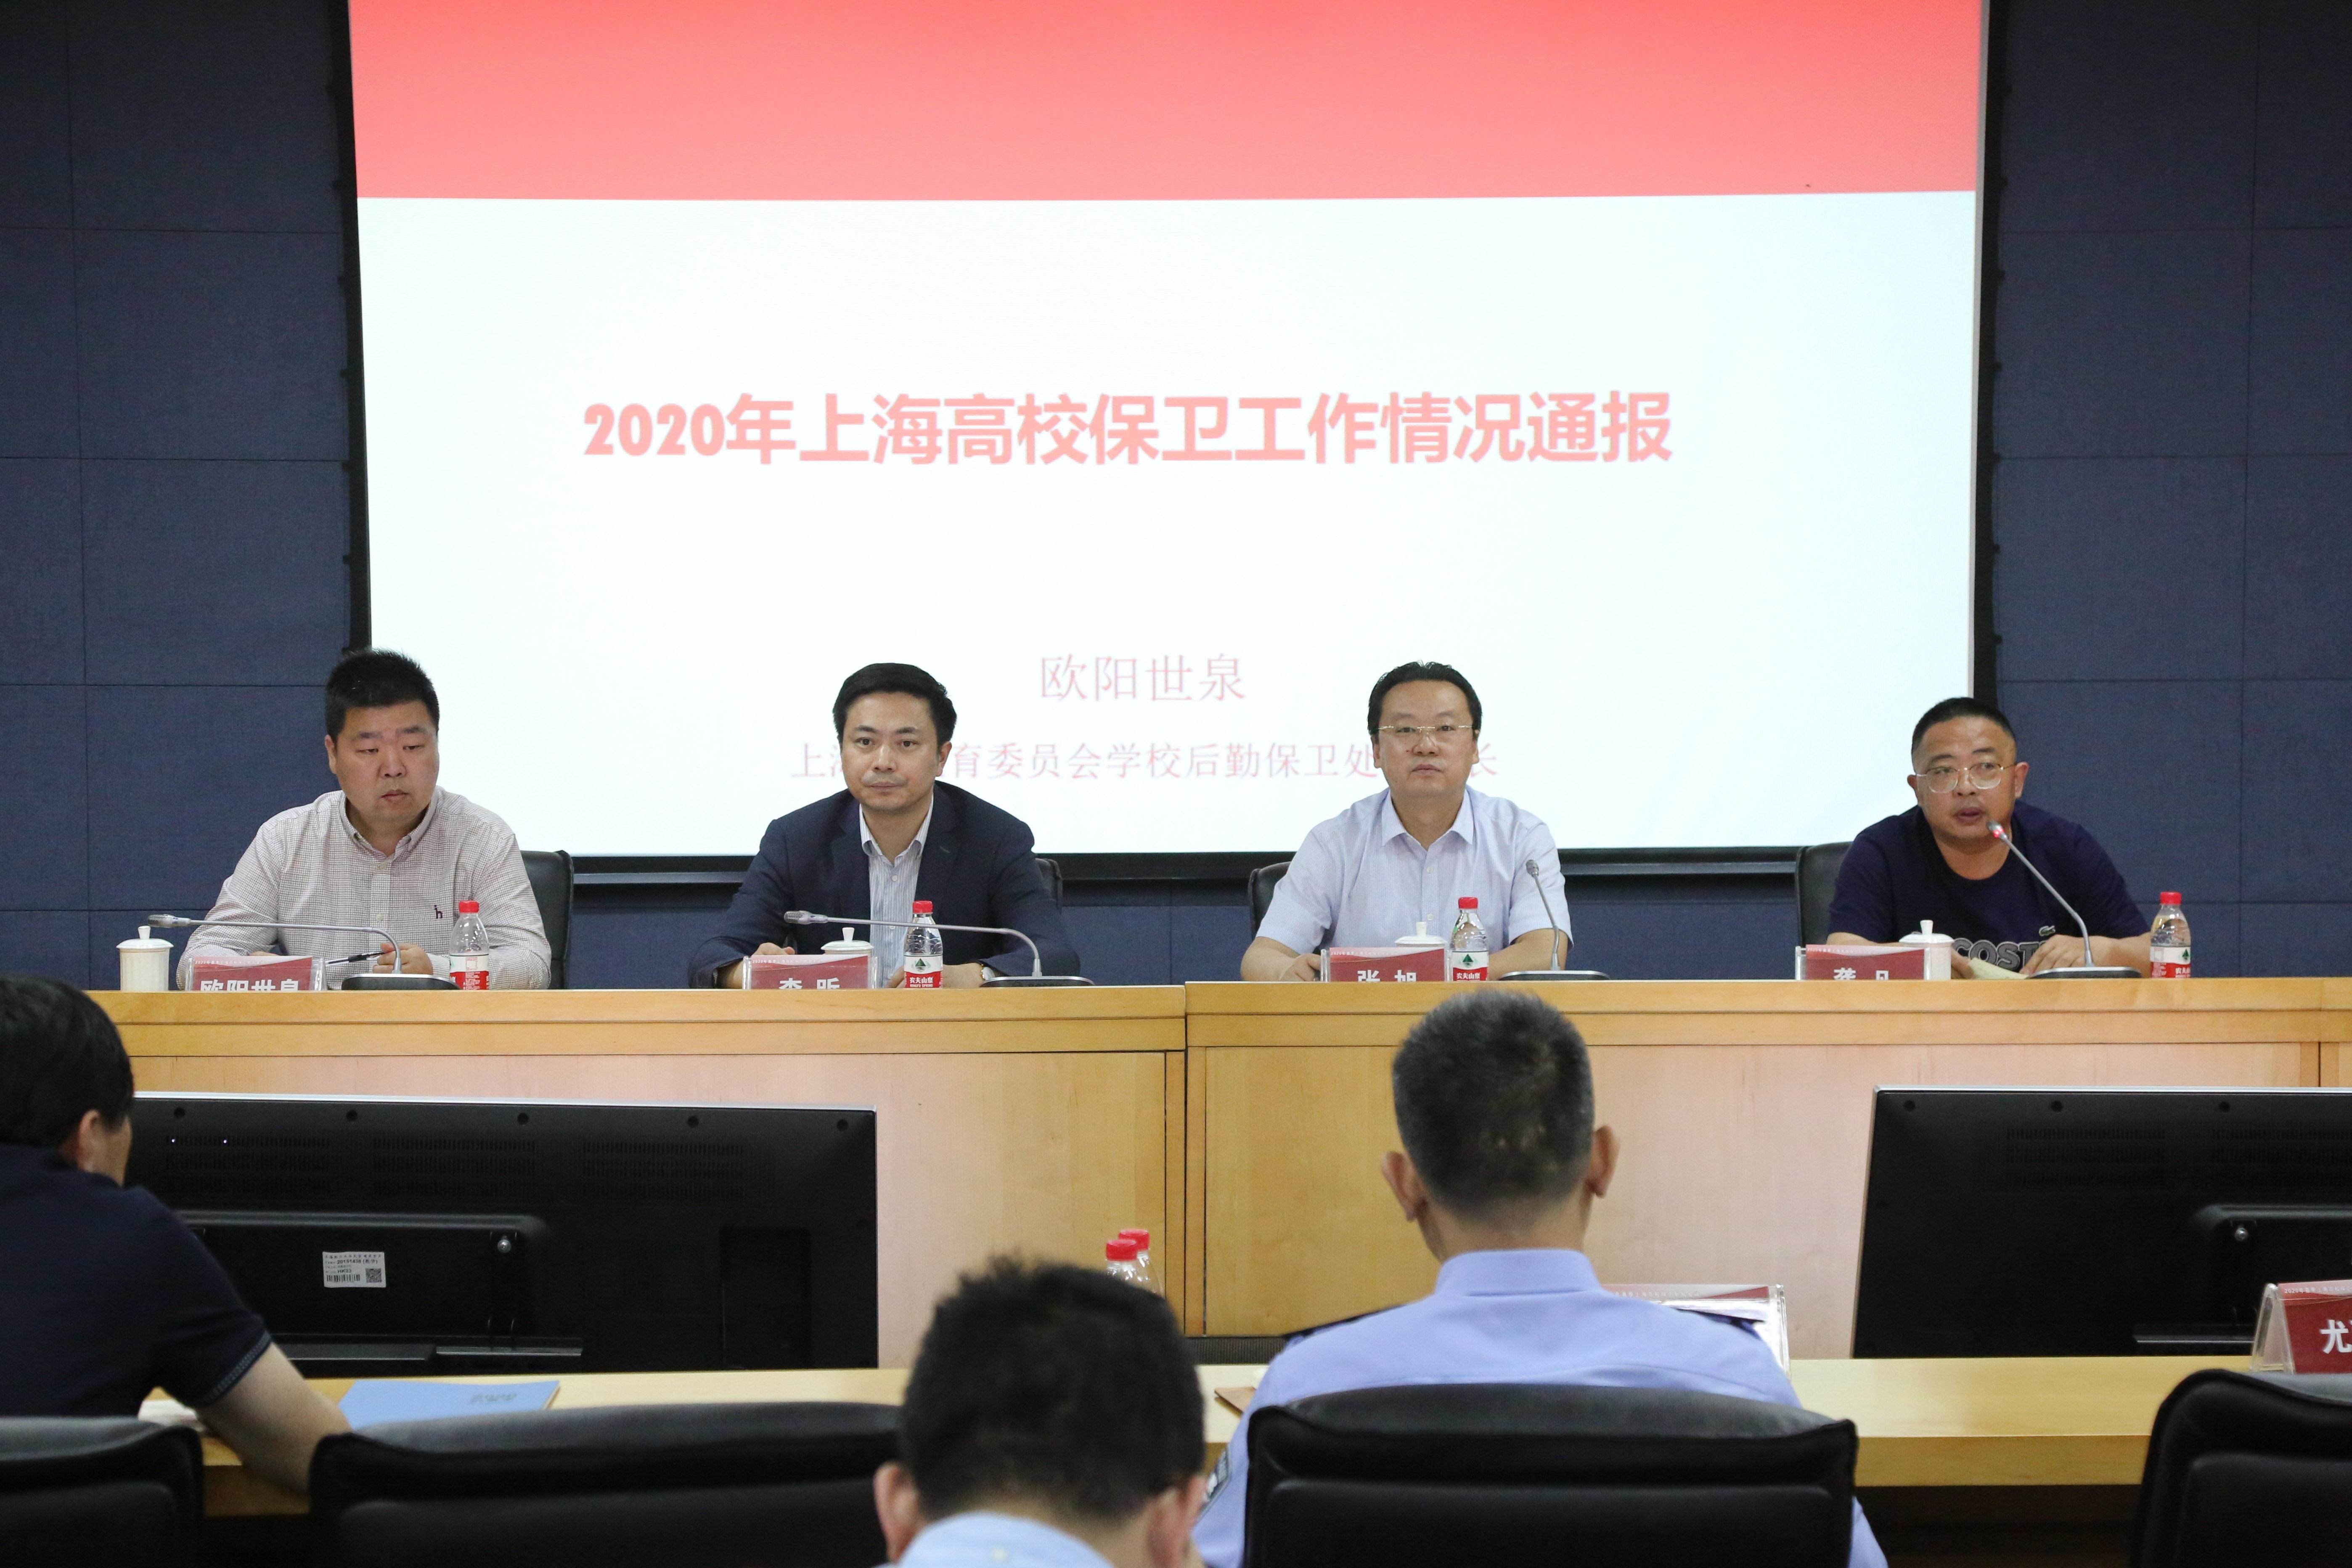 2020年春季上海高校保卫处...